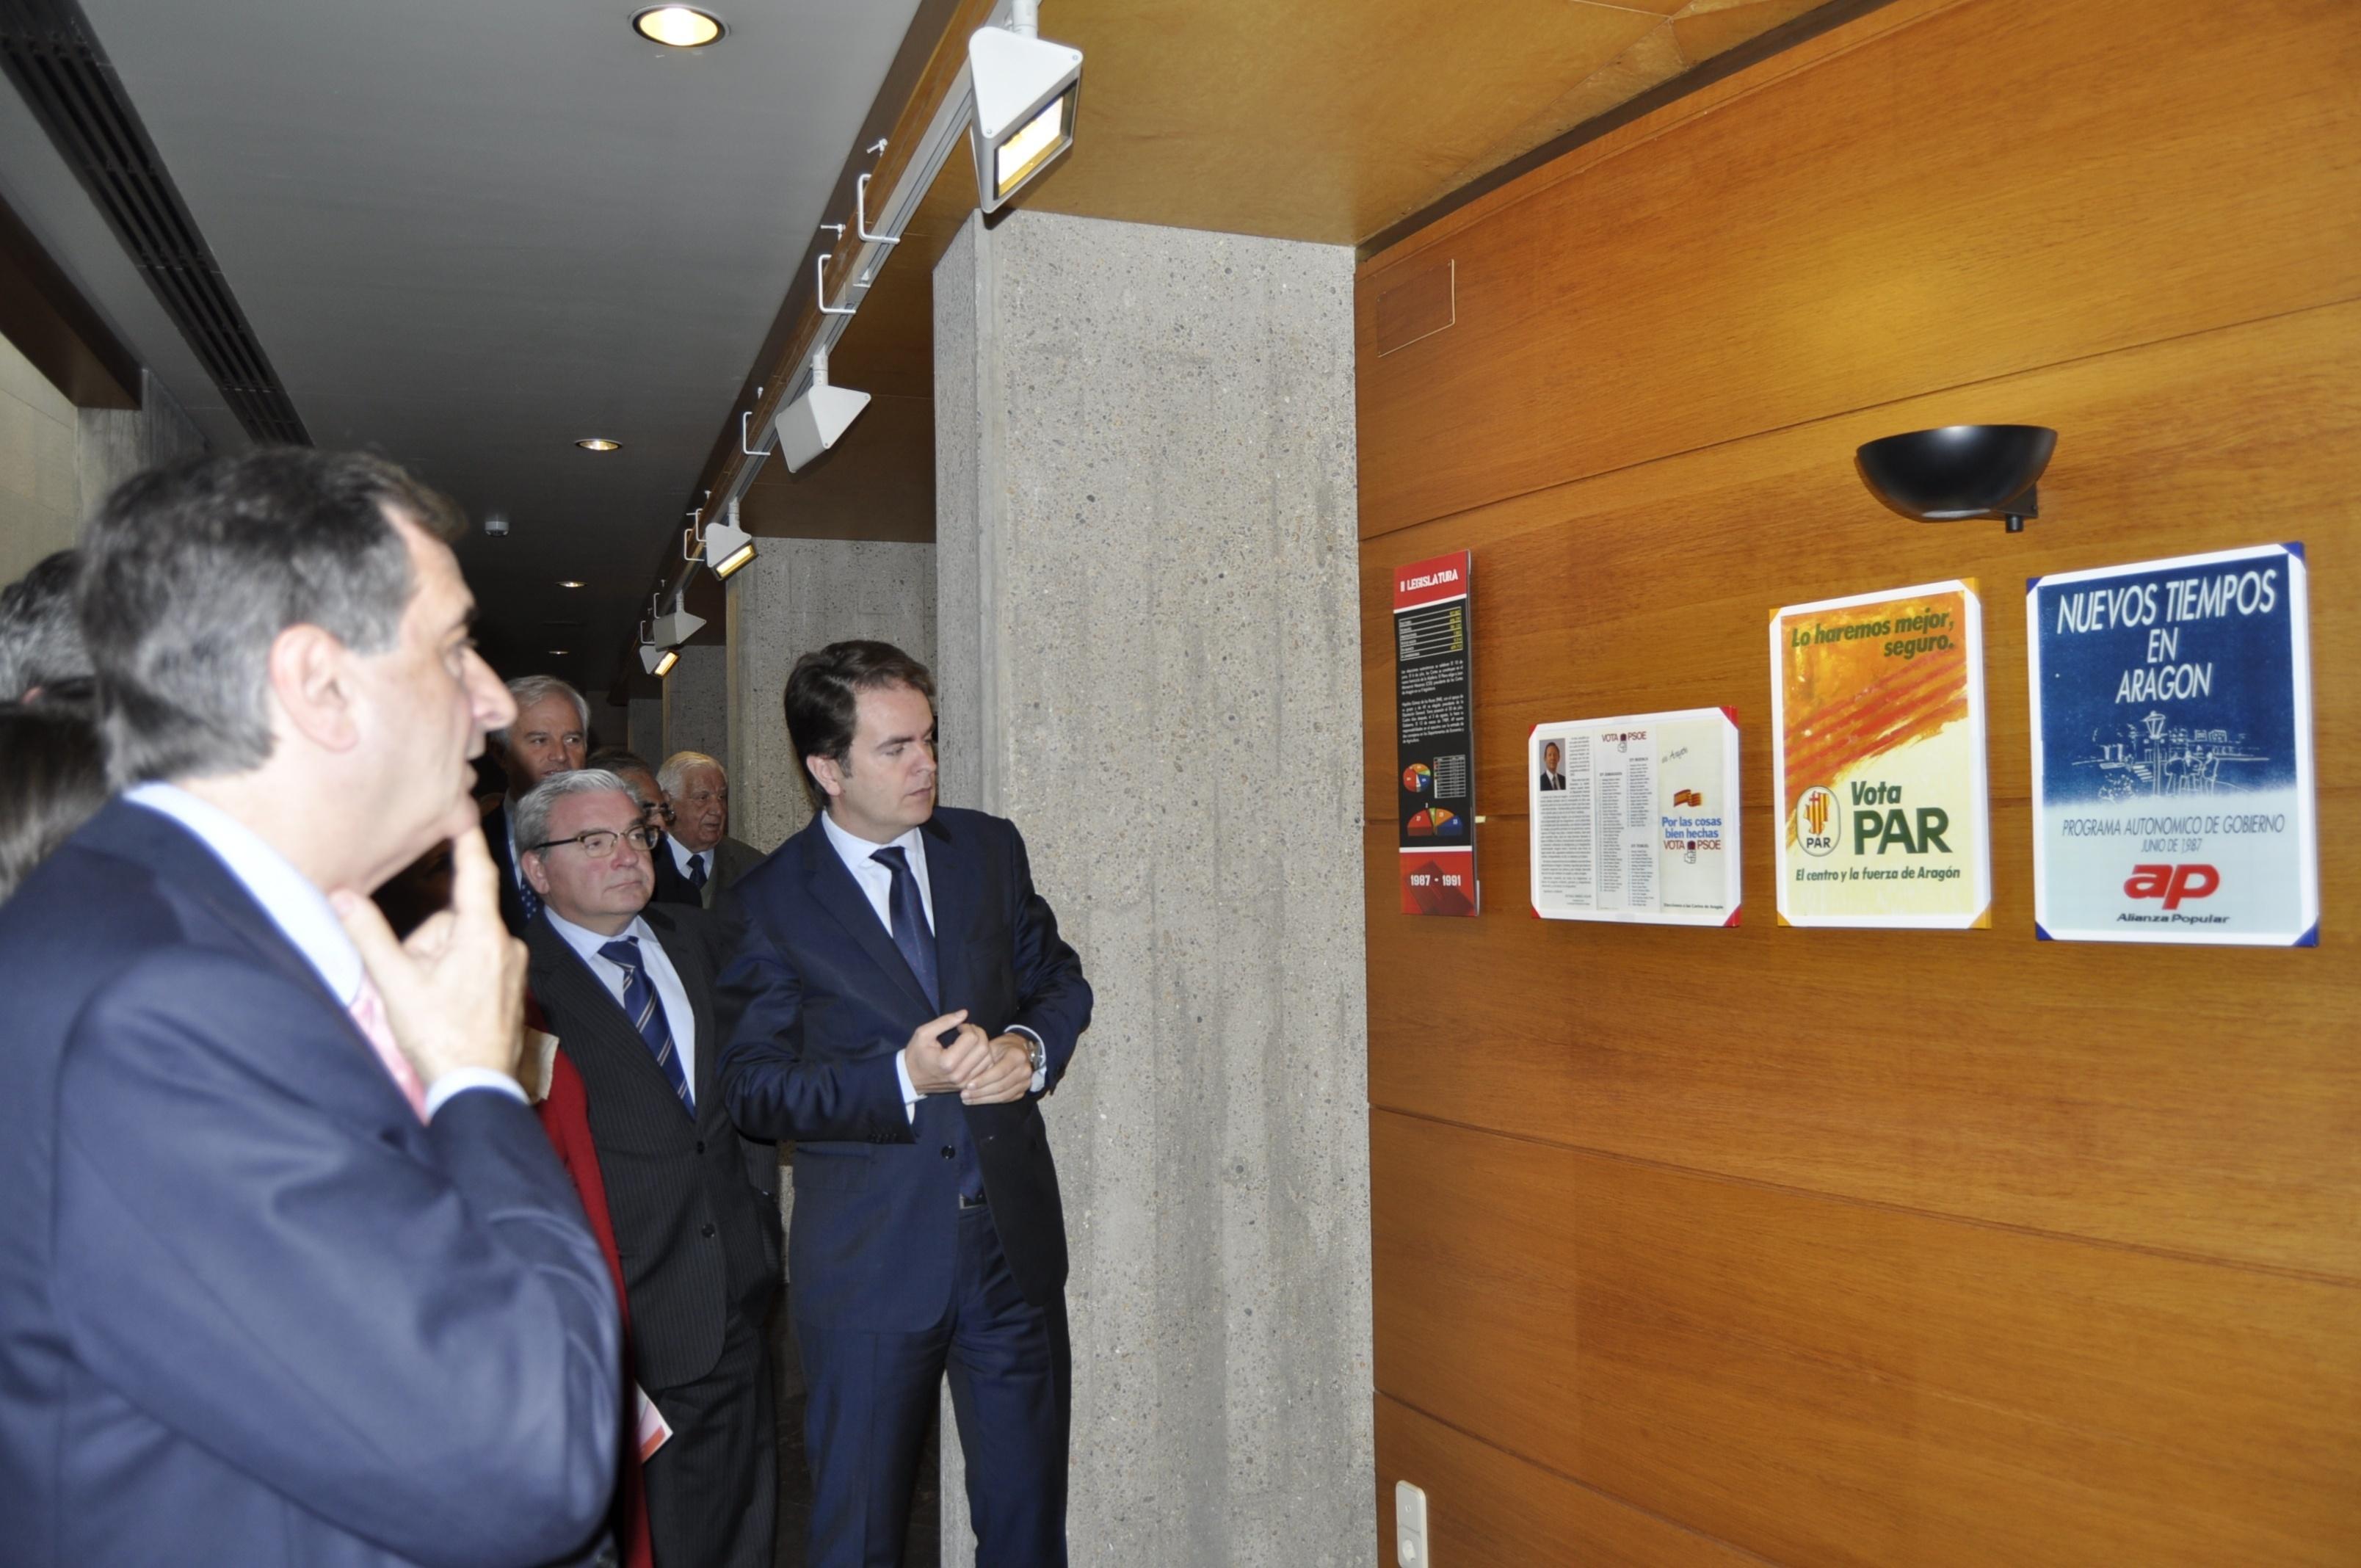 Las Cortes celebran el 30º aniversario de la constitución de la I Legislatura con una exposición de carteles